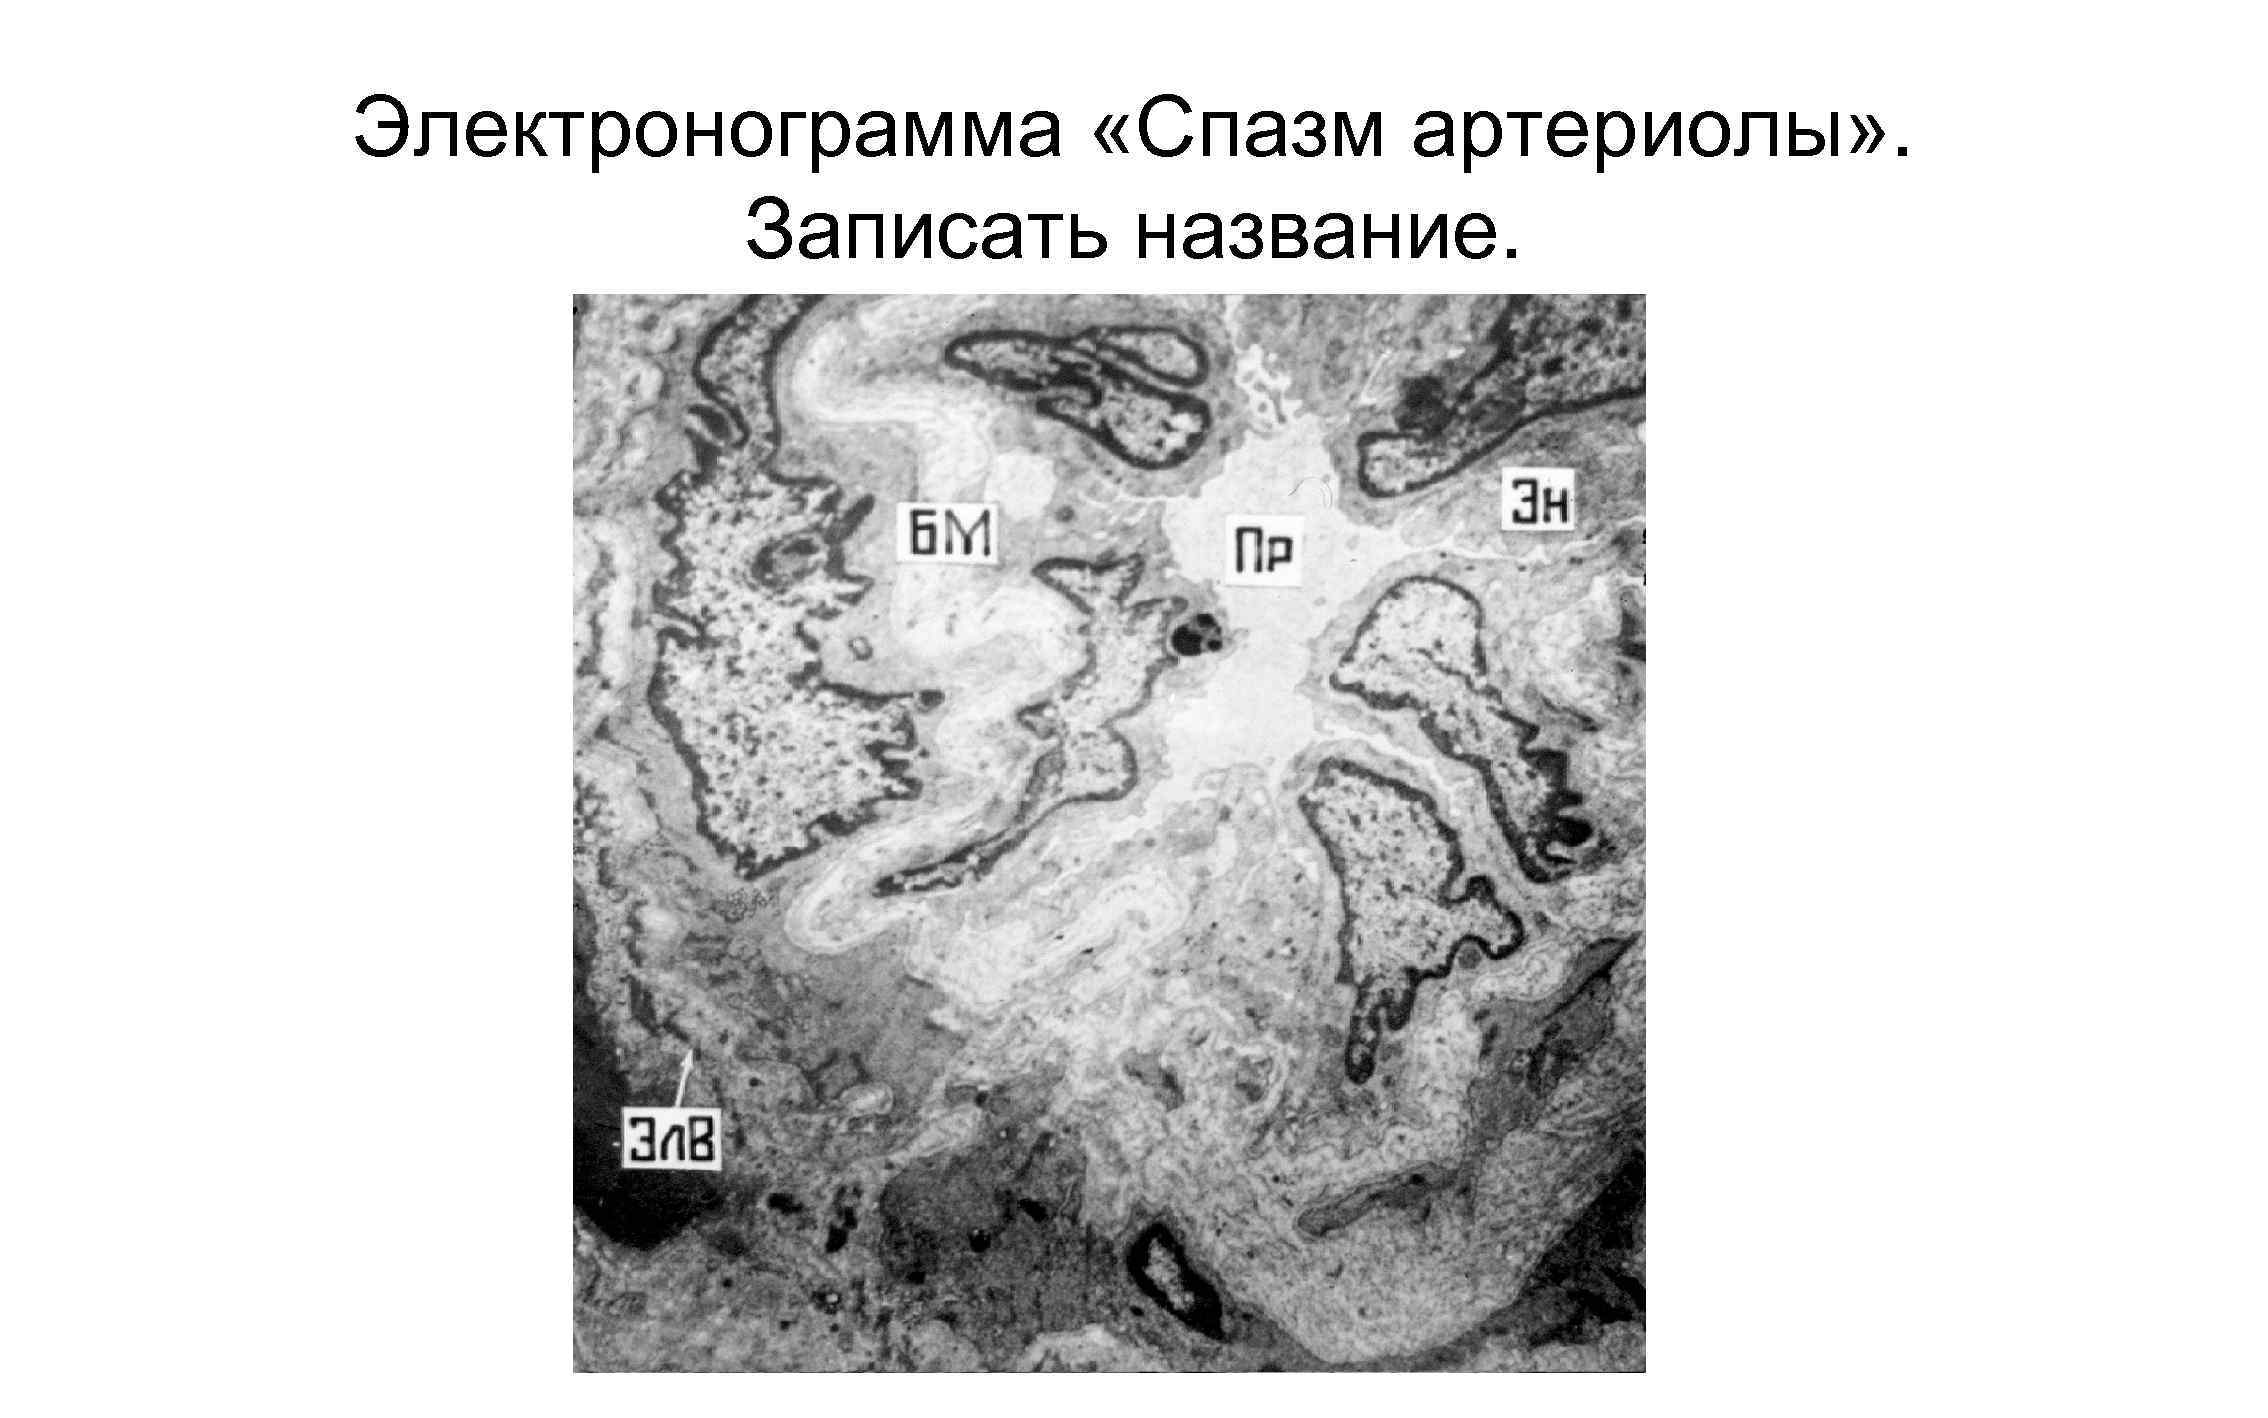 Электронограмма «Спазм артериолы» . Записать название.